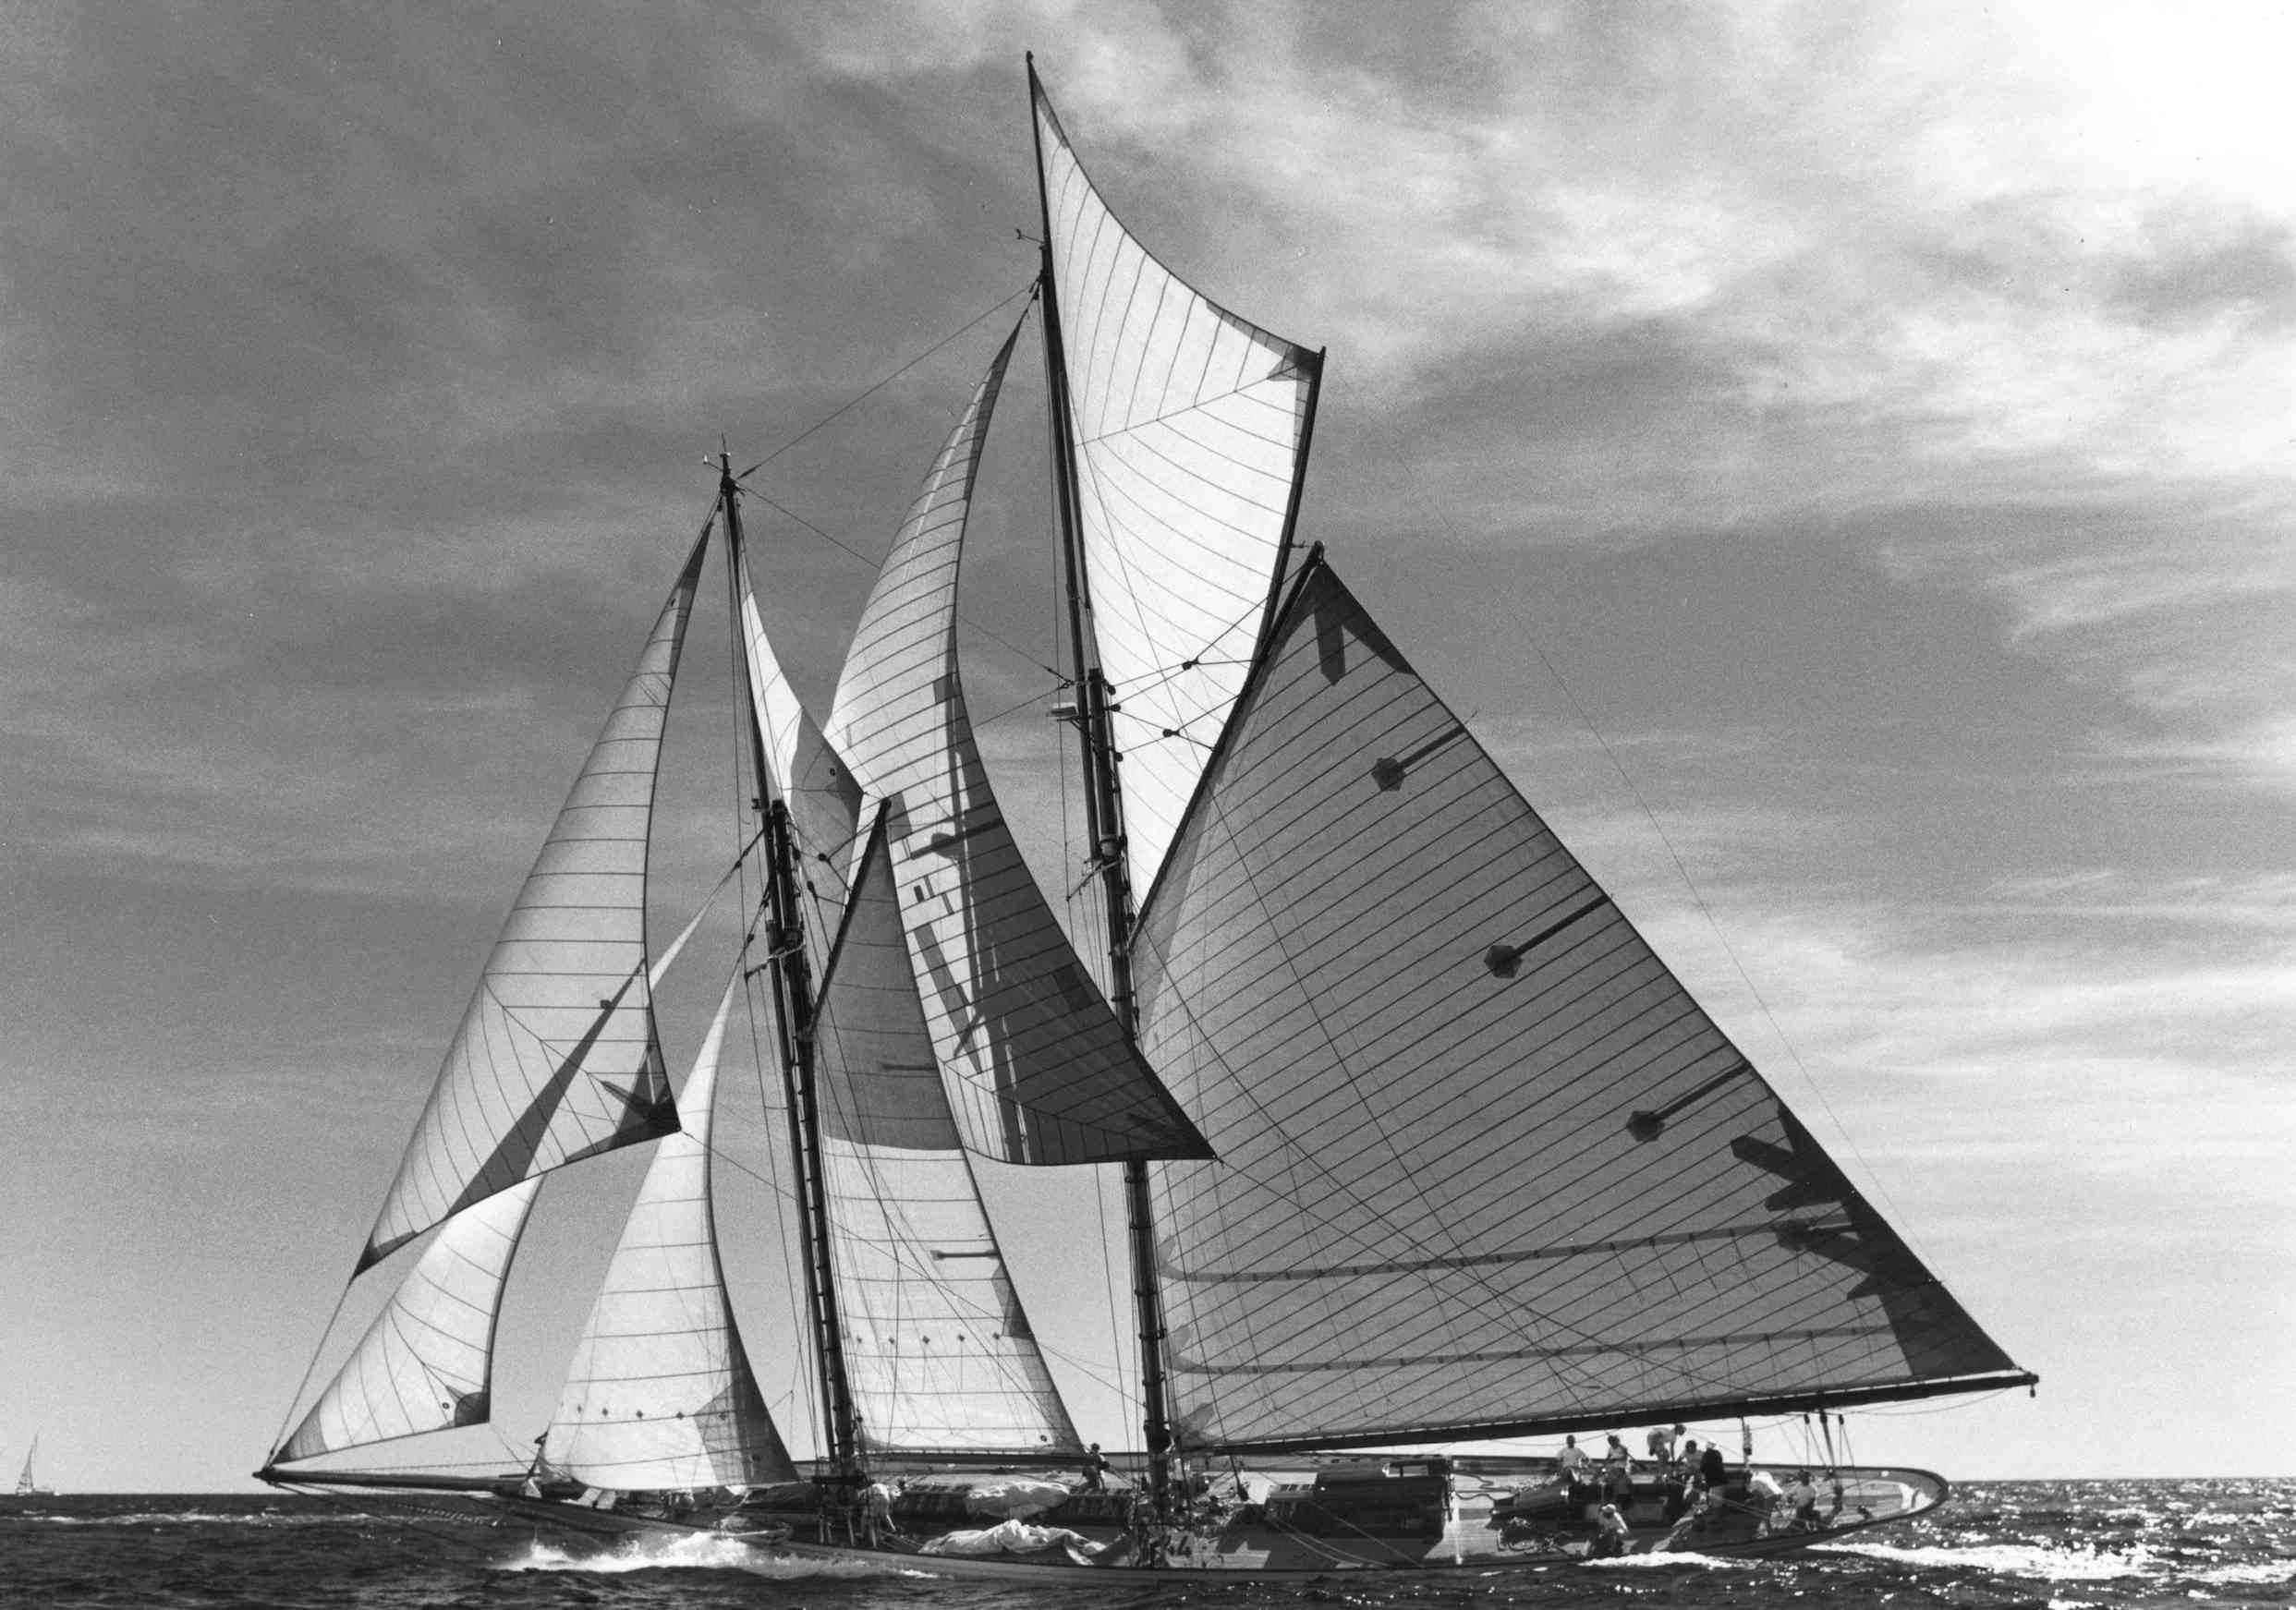 Sunshine yacht sail charter Myeik mergui.jpg